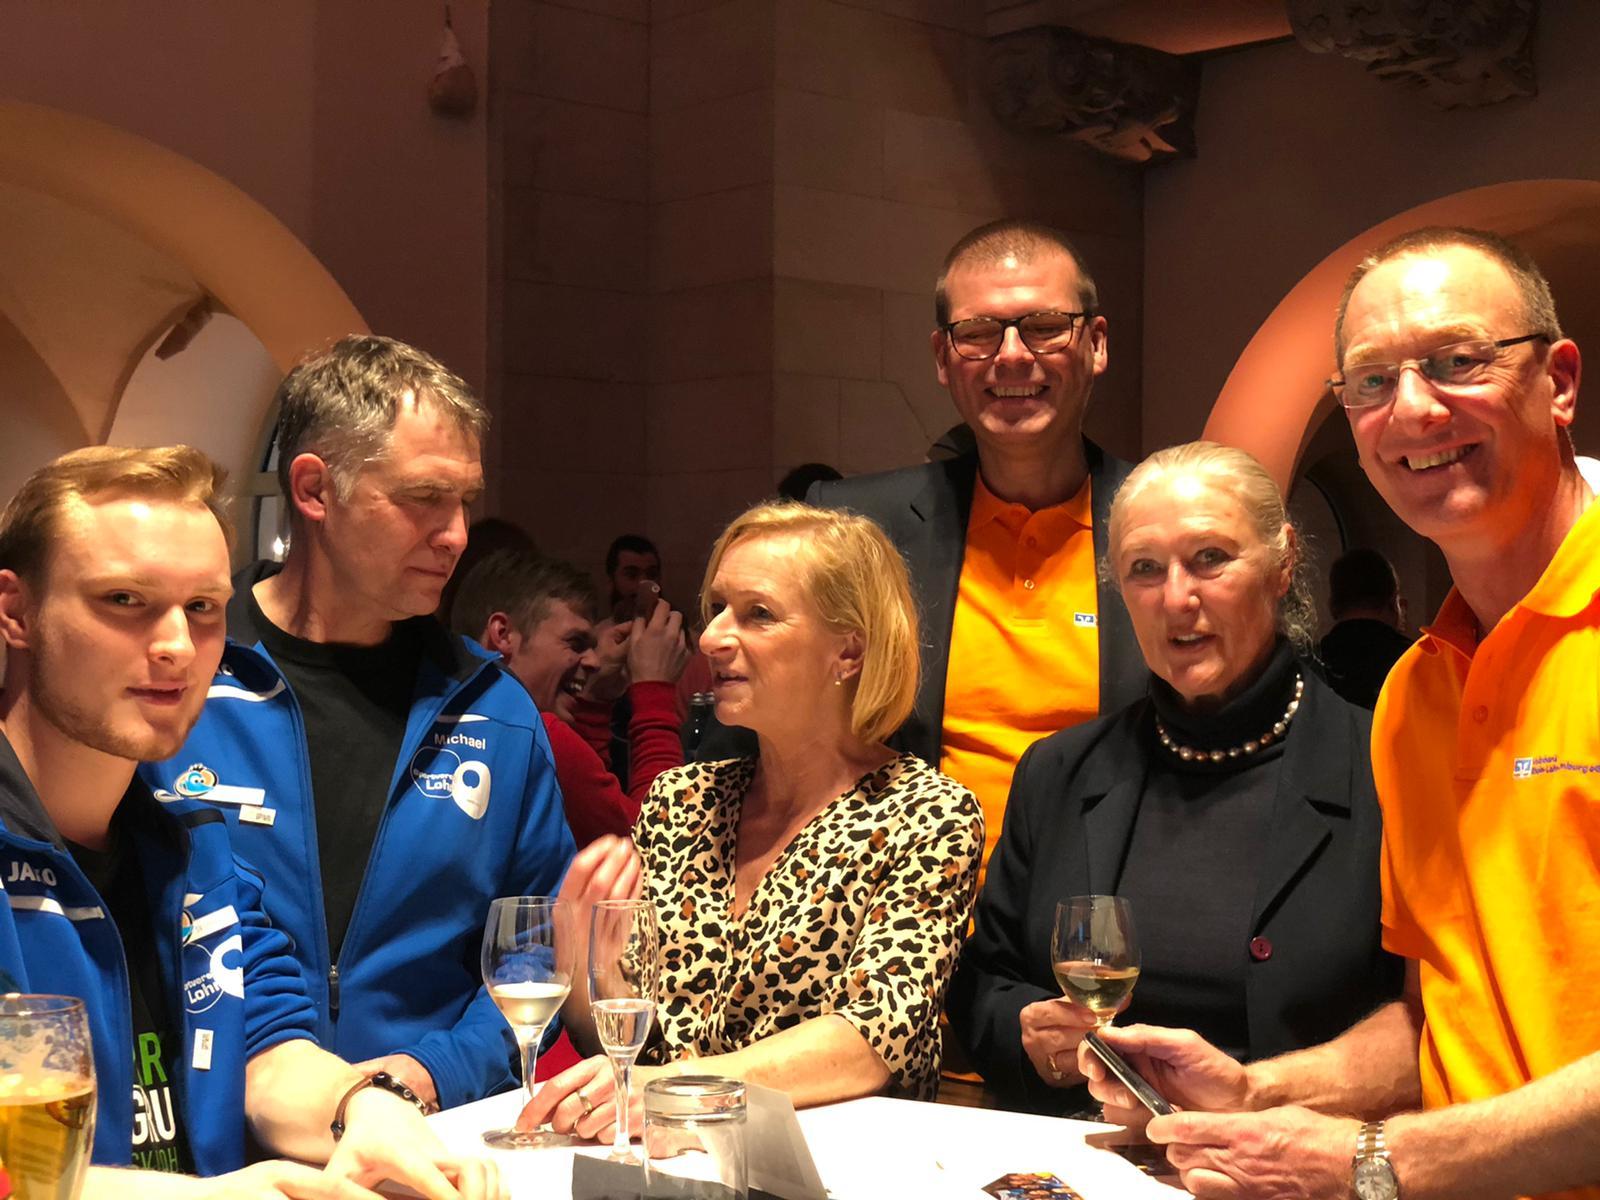 Sterne des Sports - Berlin 2020 - Empfang | Vertreter des SV Lo, der VoBa RLL und des LSB RLP im Gespräch